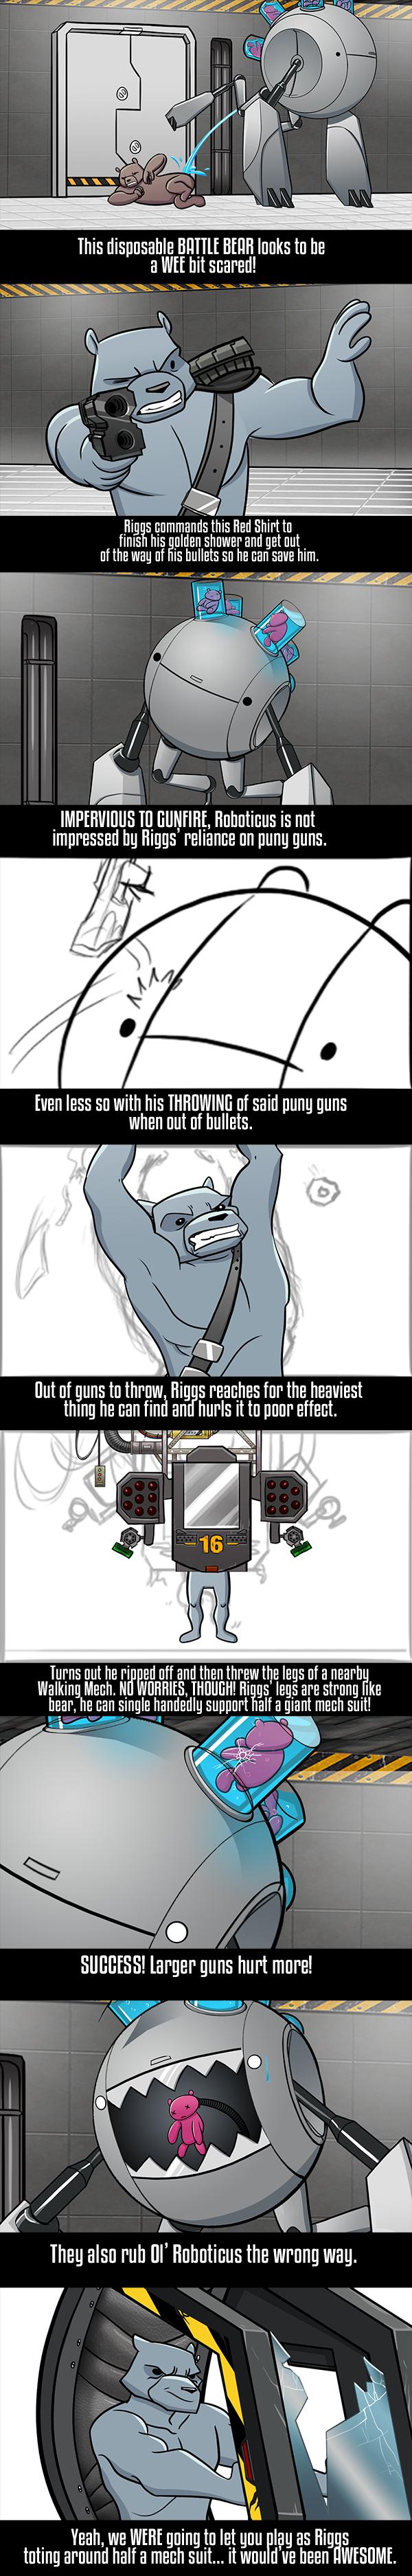 Roboticus Comic Intro